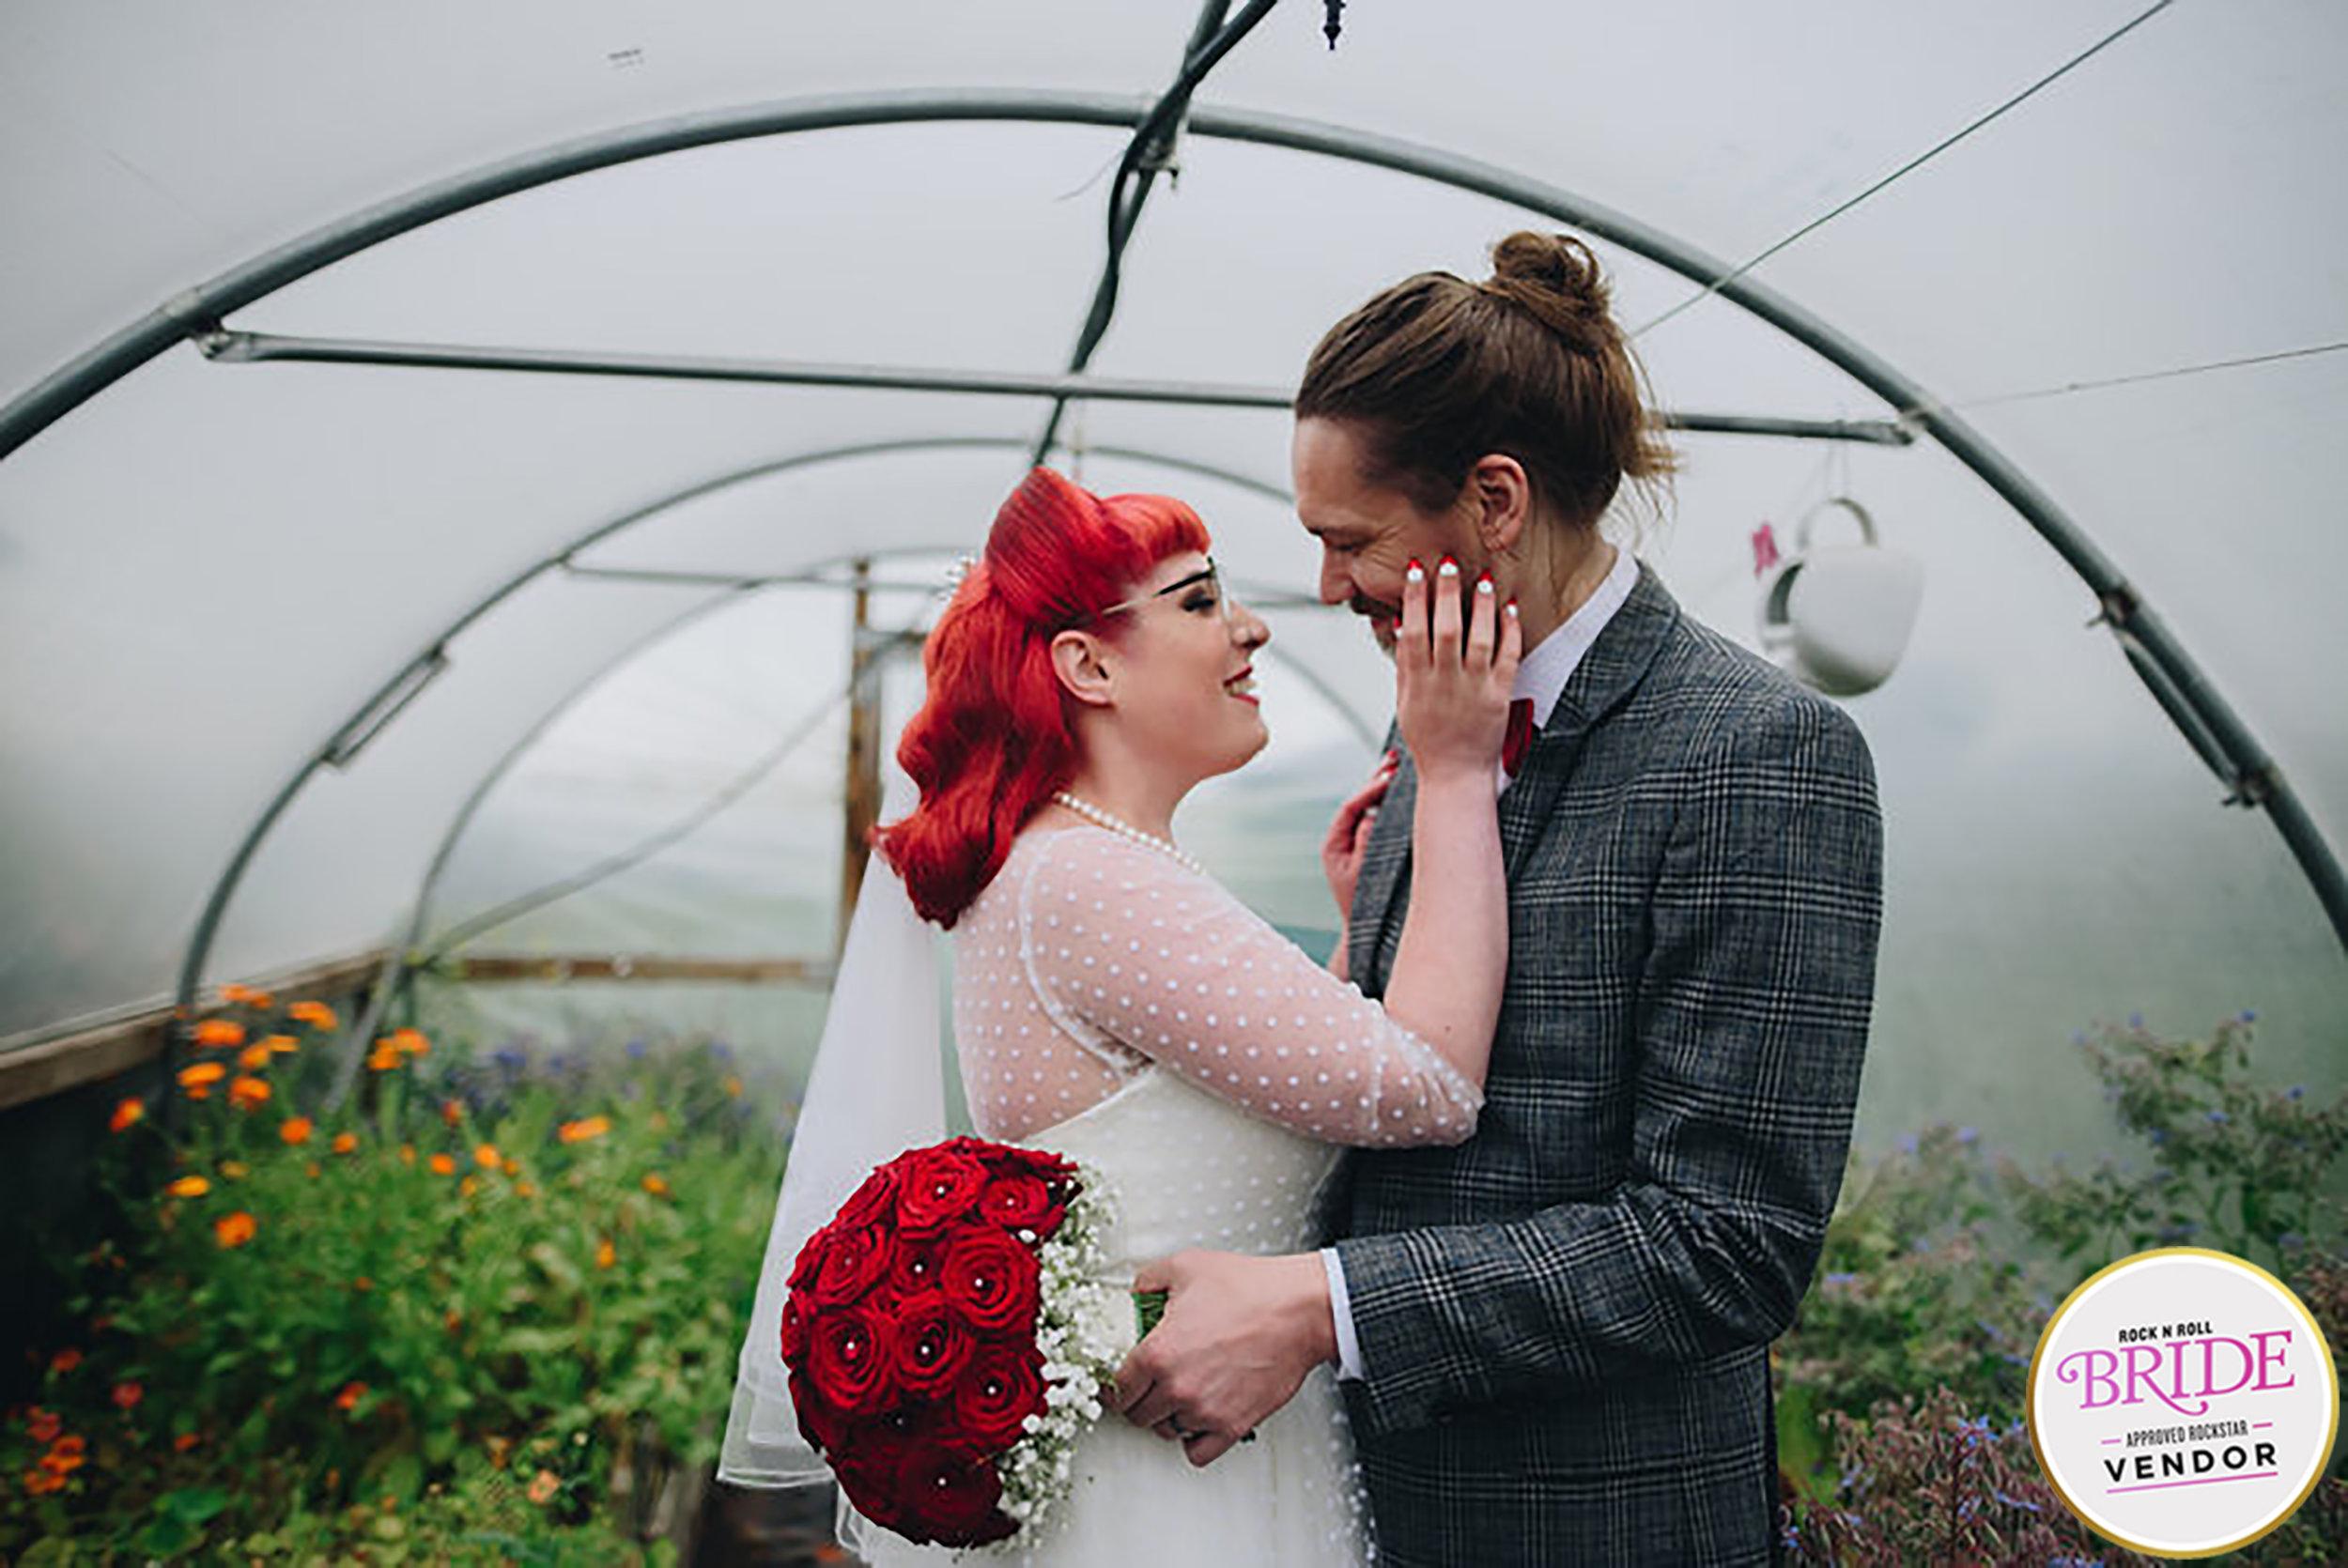 Rockabilly Wellbeing Farm Wedding